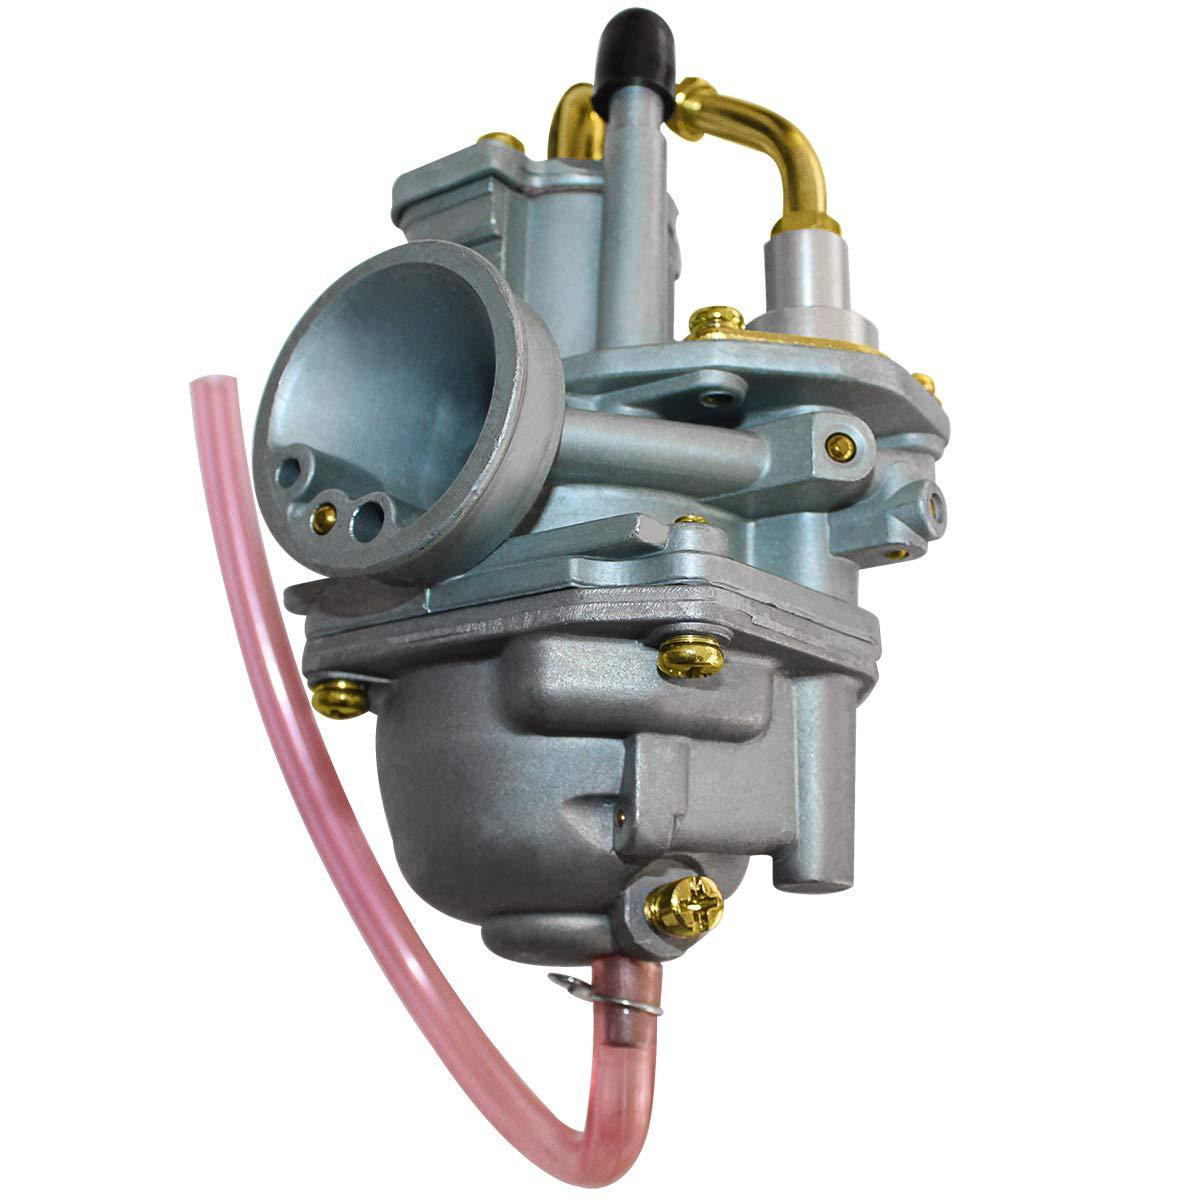 Carburetor Carb Repair Kit Compatible for 2001-2006 Polaris Sportsman 90 ATV Manual Cable Choke